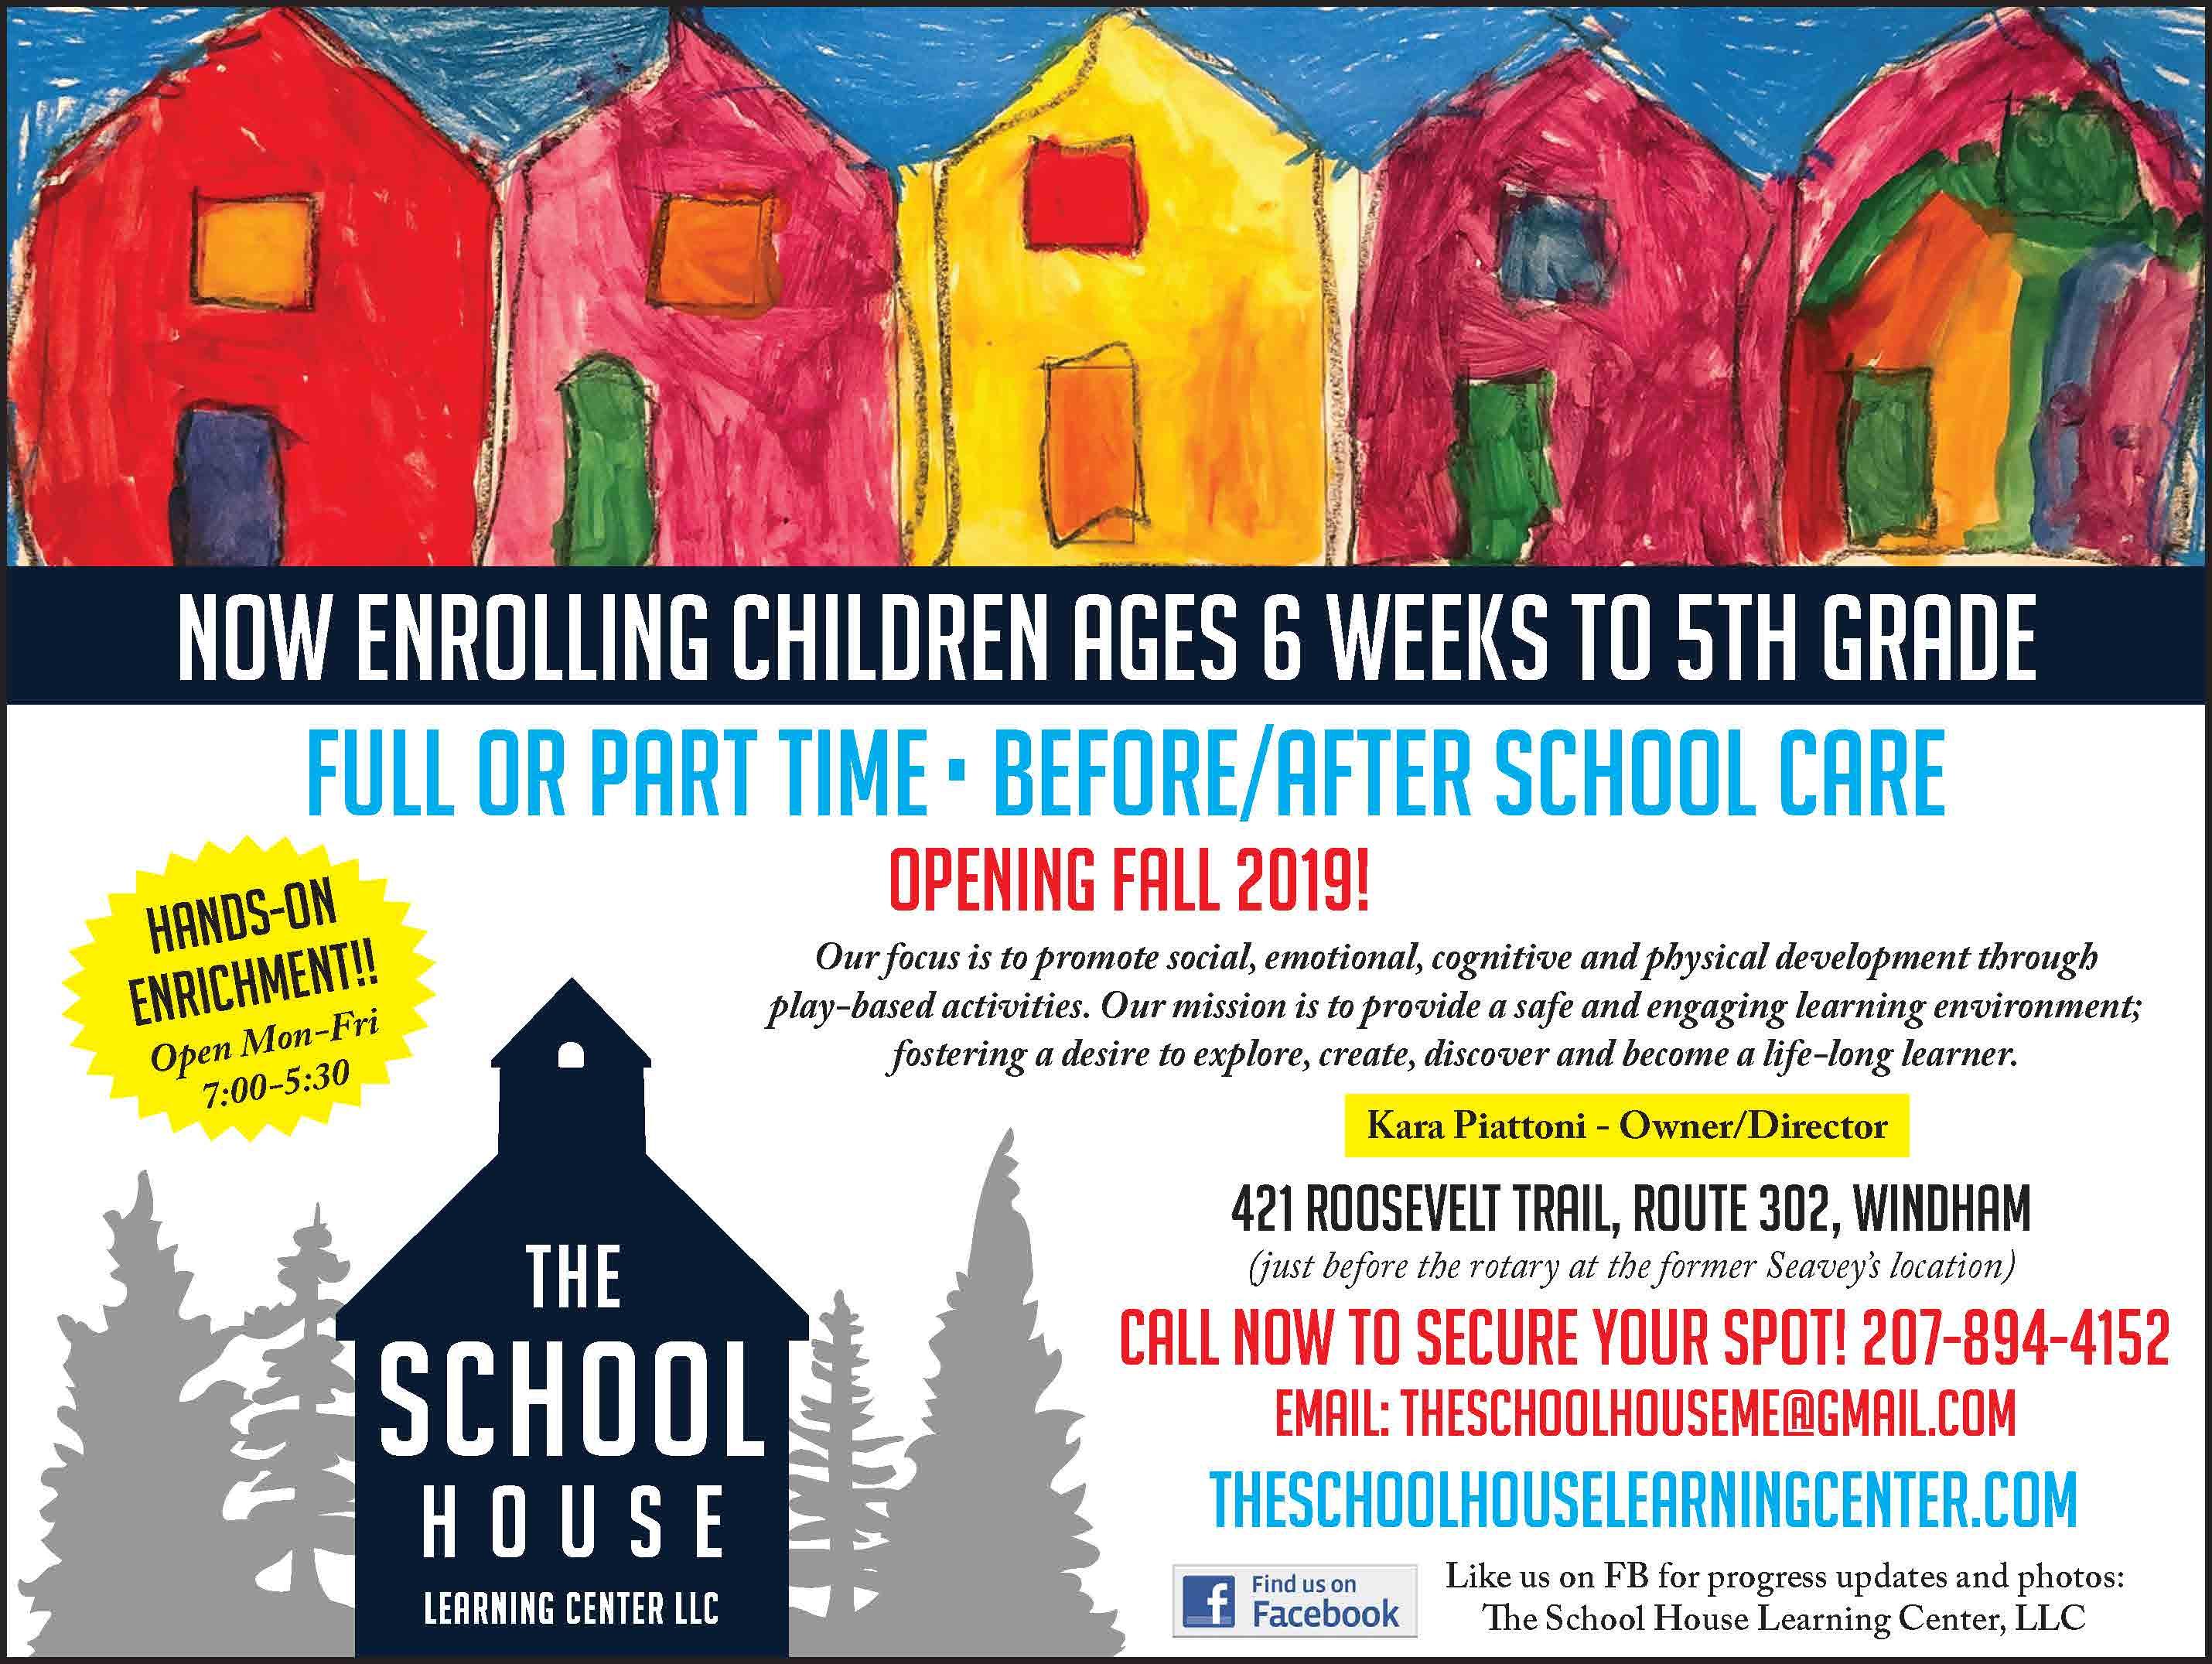 https://theschoolhouselearningcenter.com/